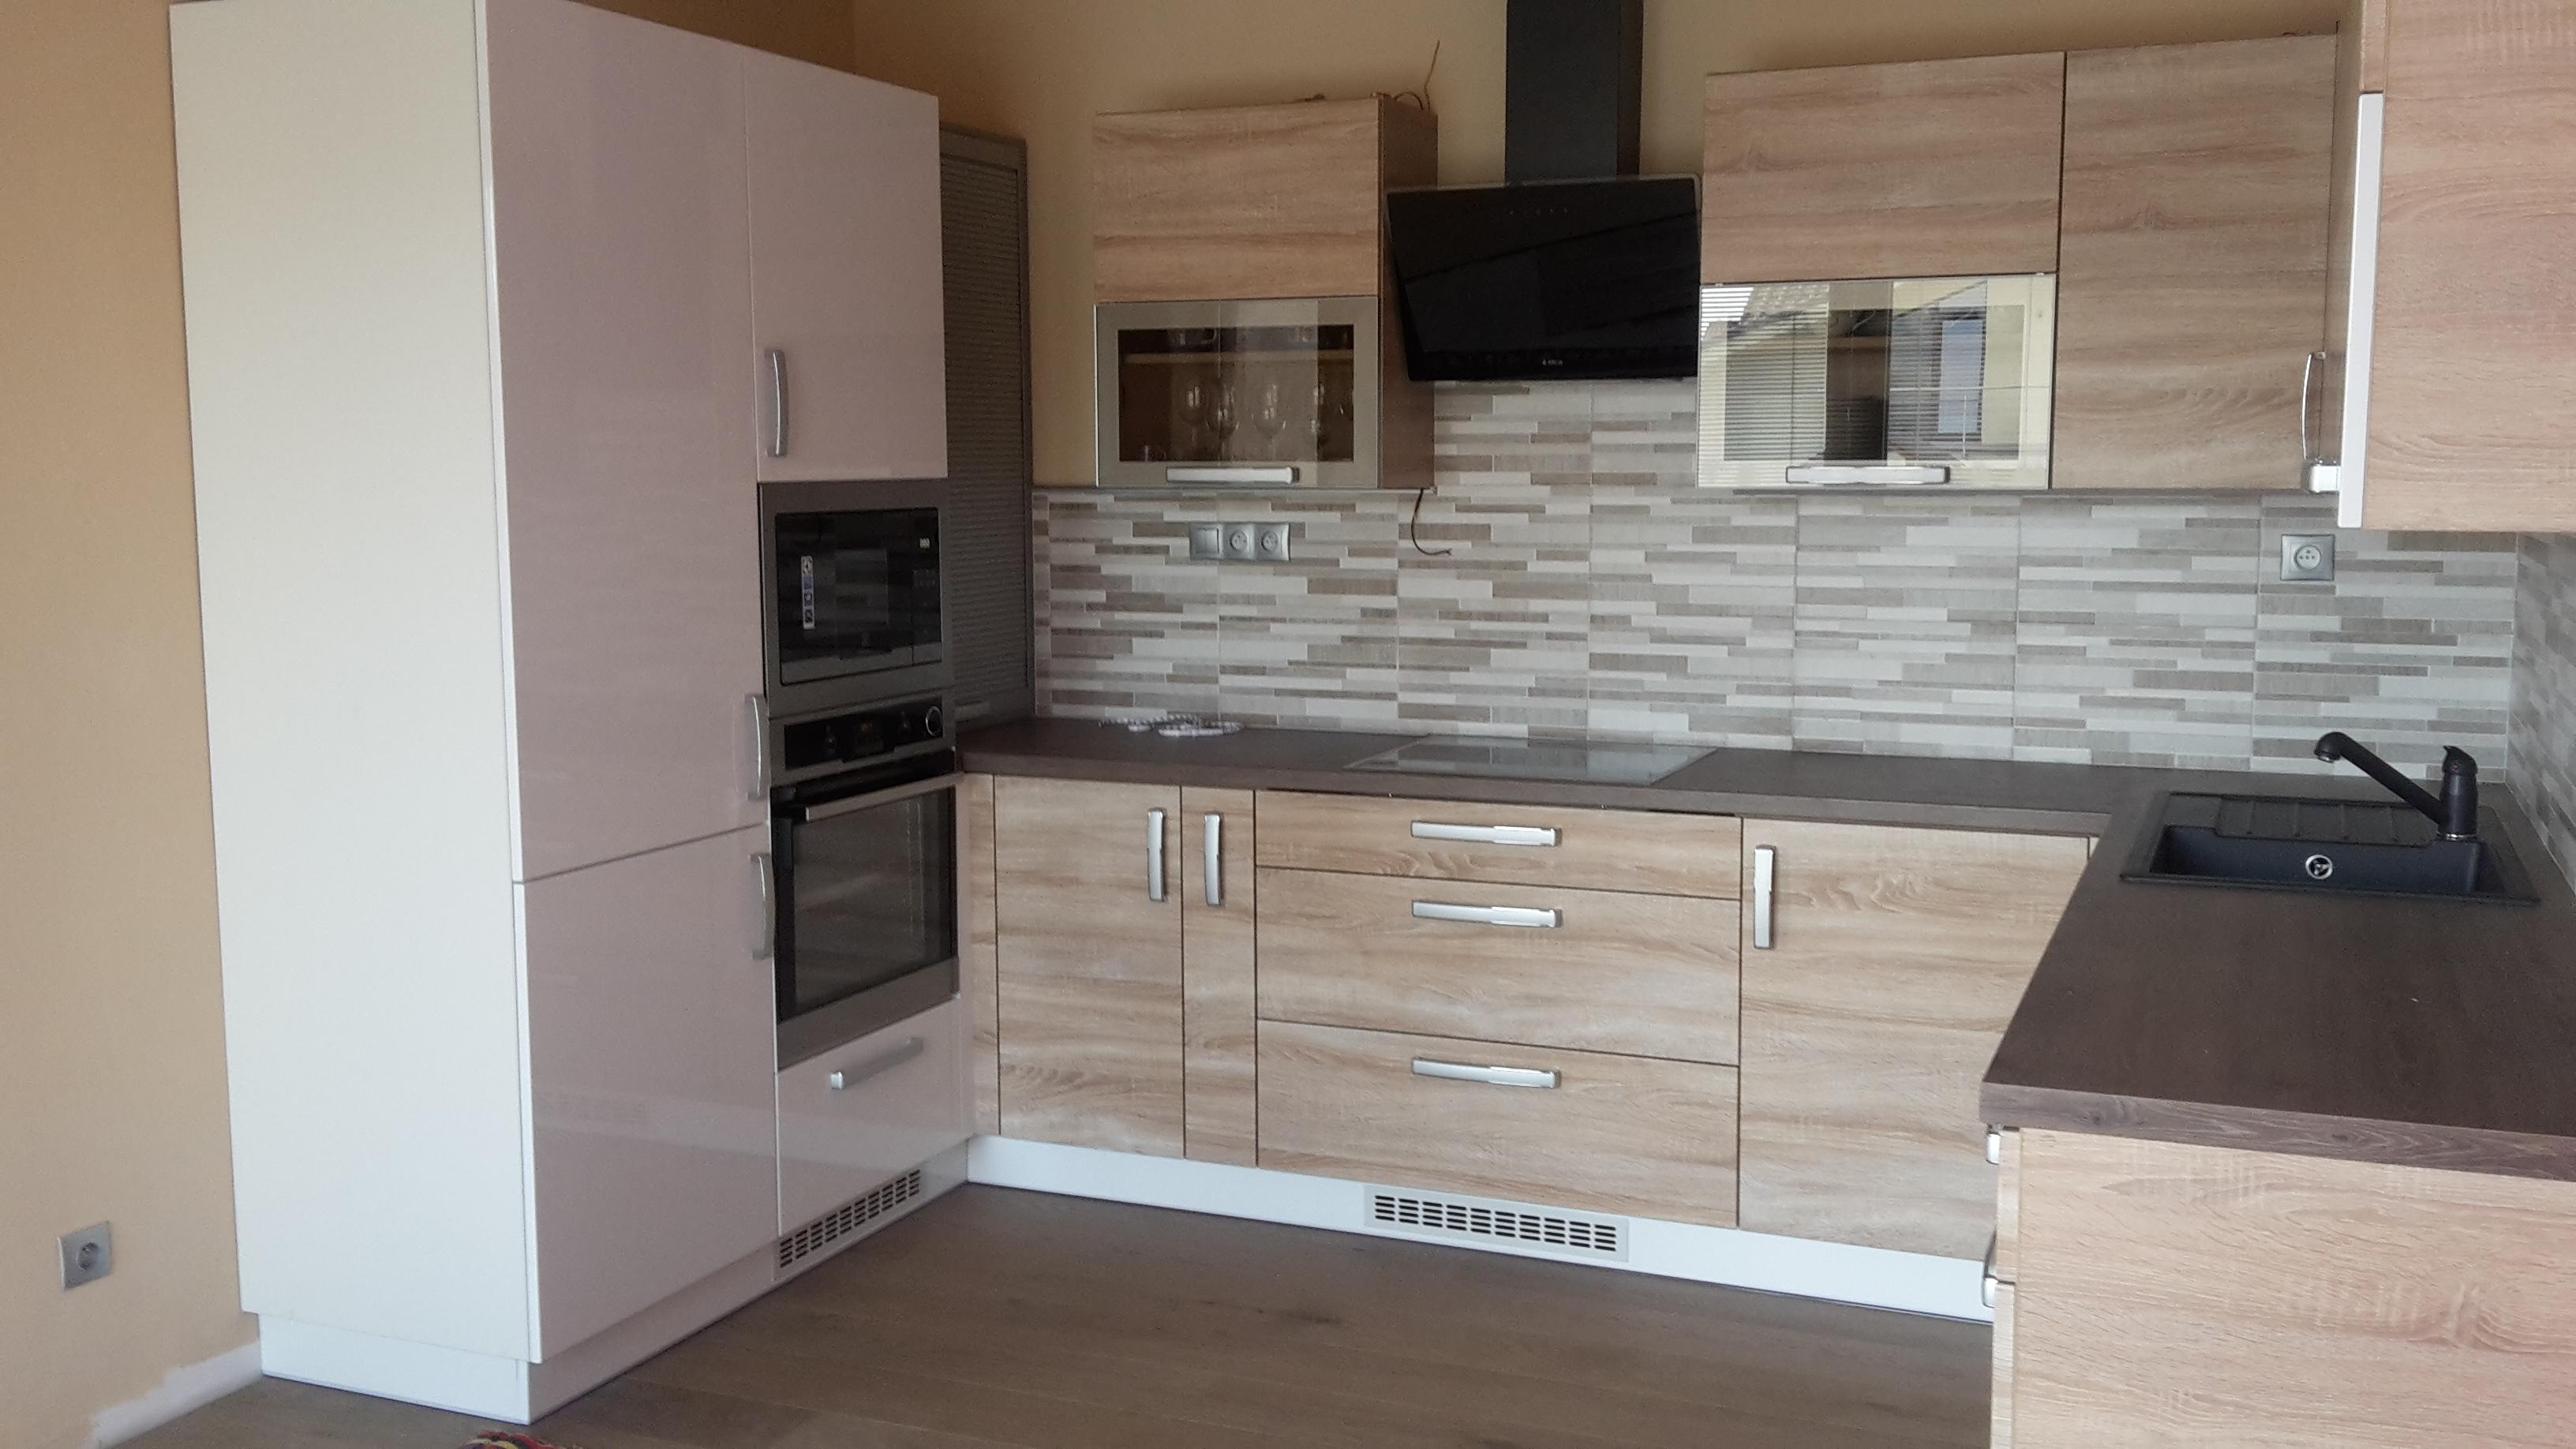 dvojfarebná kuchyňa, hnedá podlaha